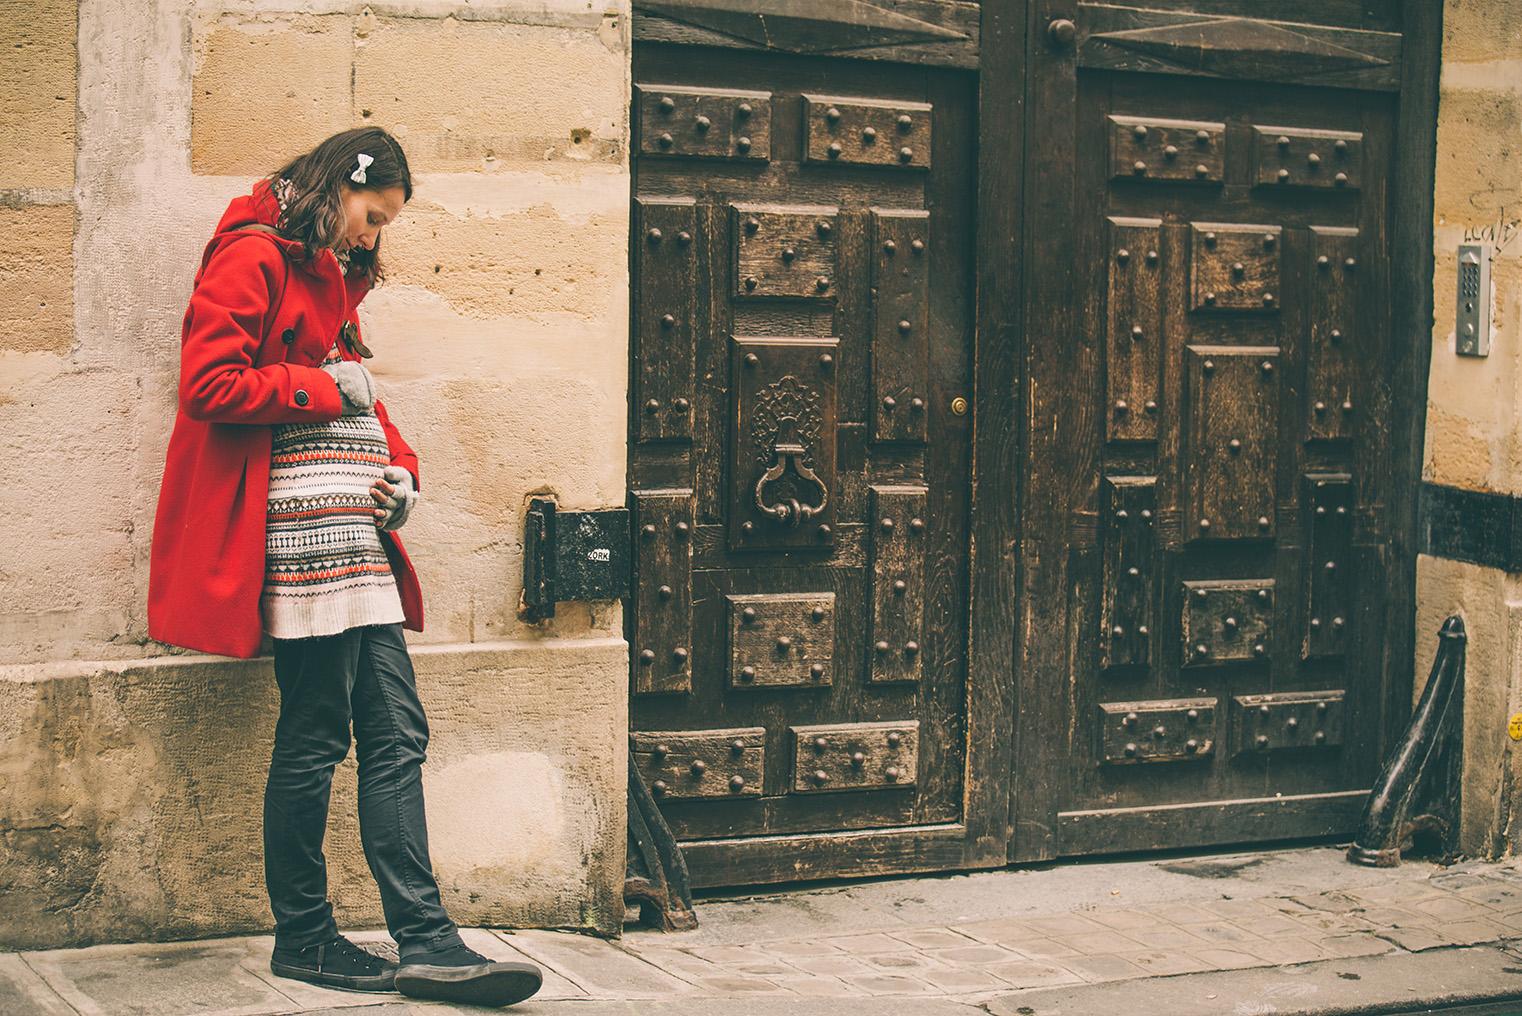 06.Ulice Paryza - Paryzanie